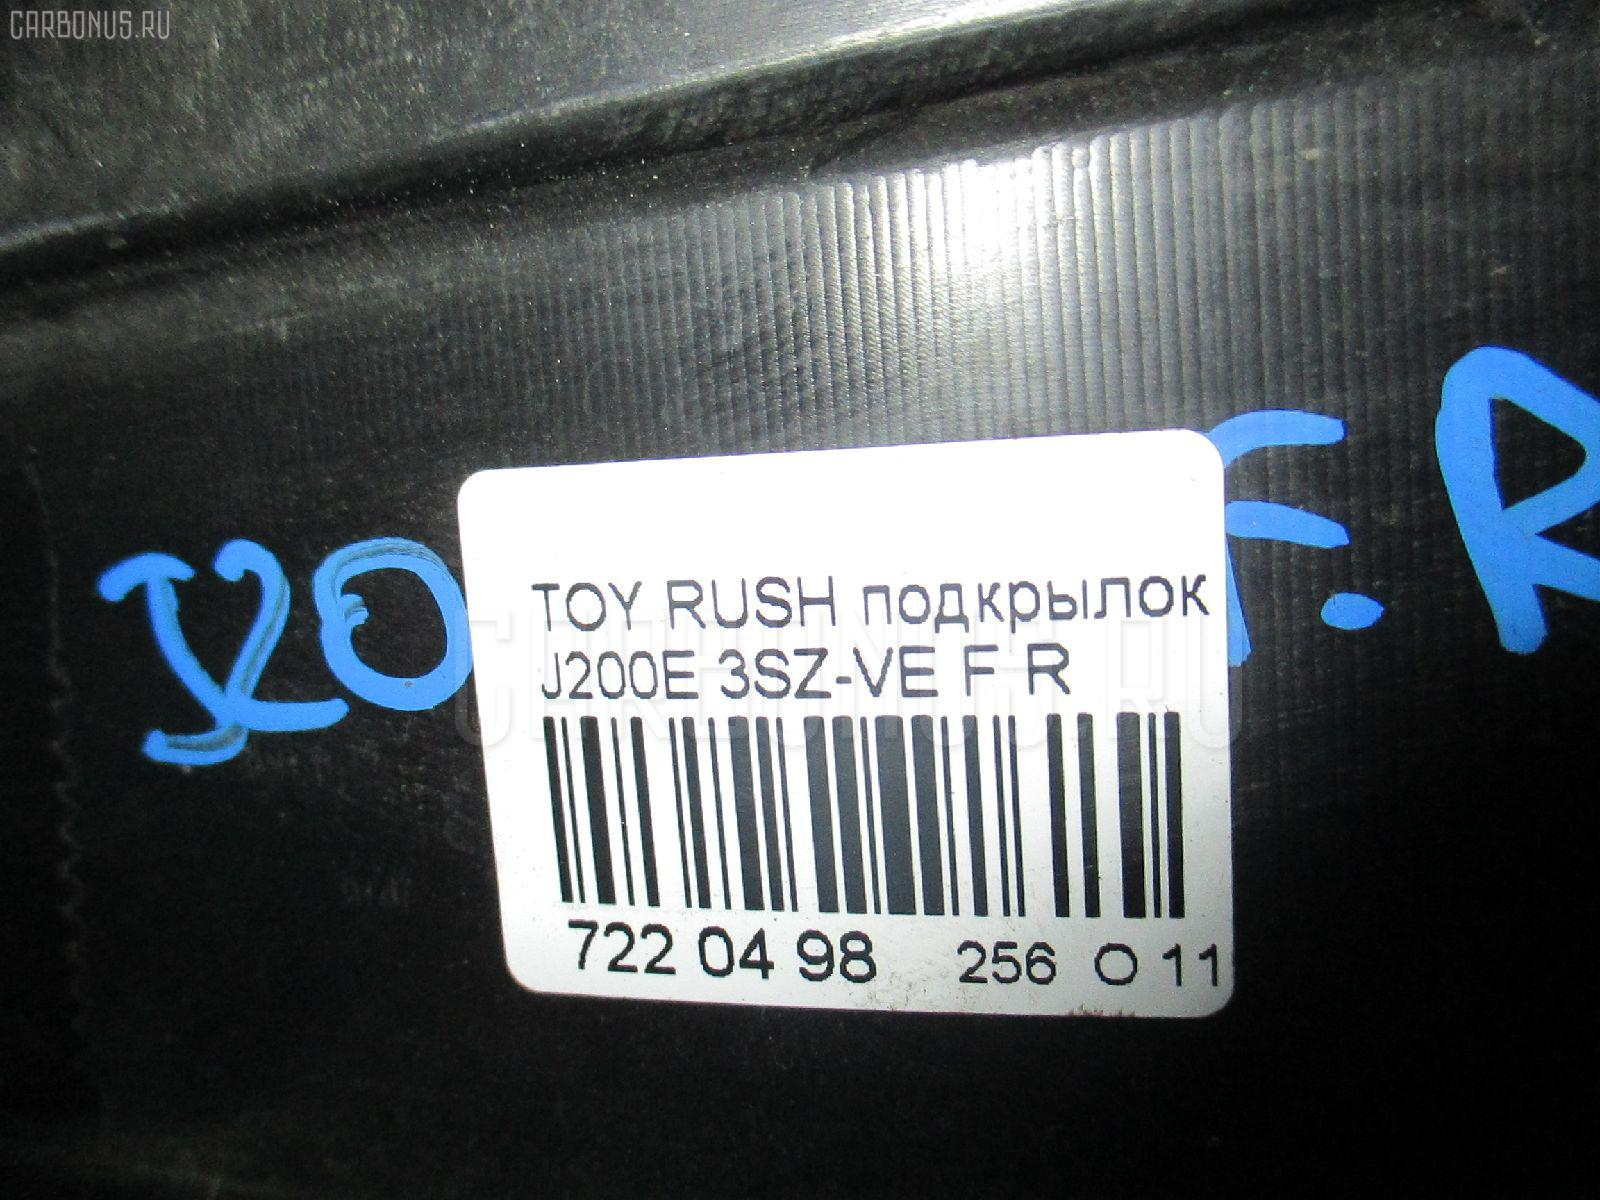 Подкрылок TOYOTA RUSH J210E 3SZ-VE Фото 2